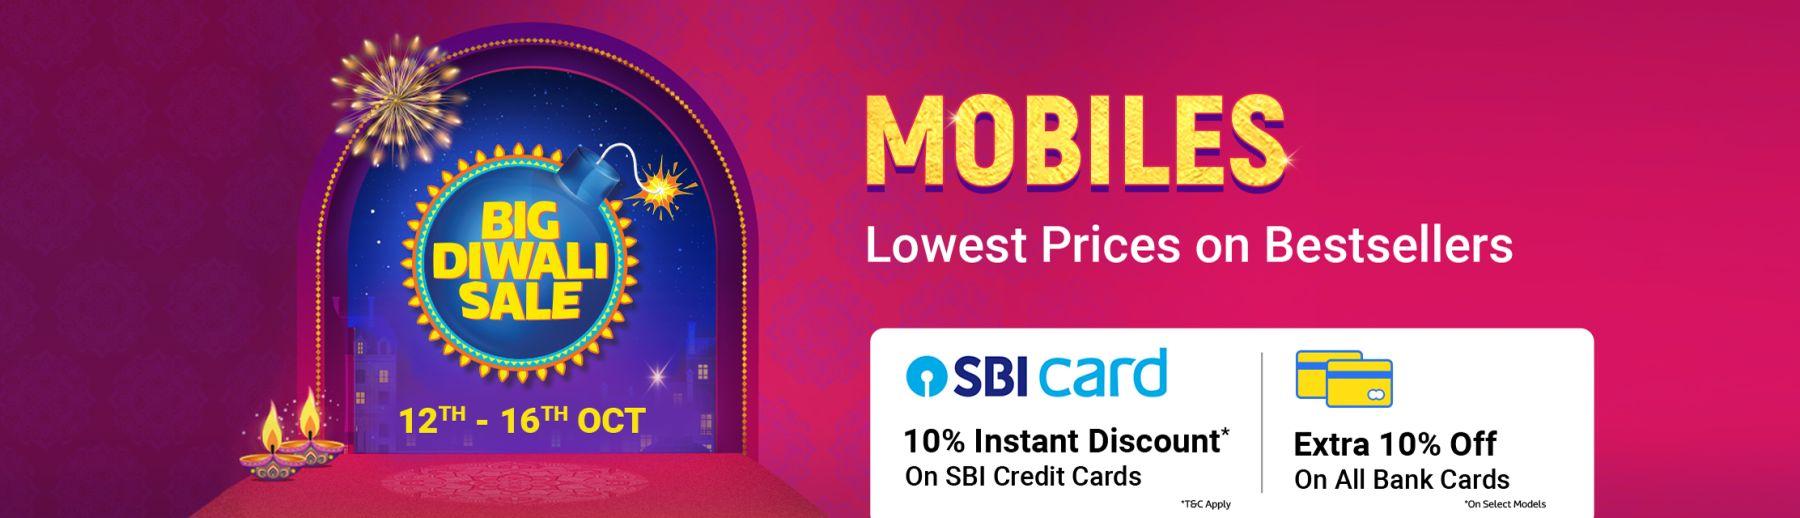 Flipkart-Big-Diwali-Sale-Lowest-Mobile-Prices